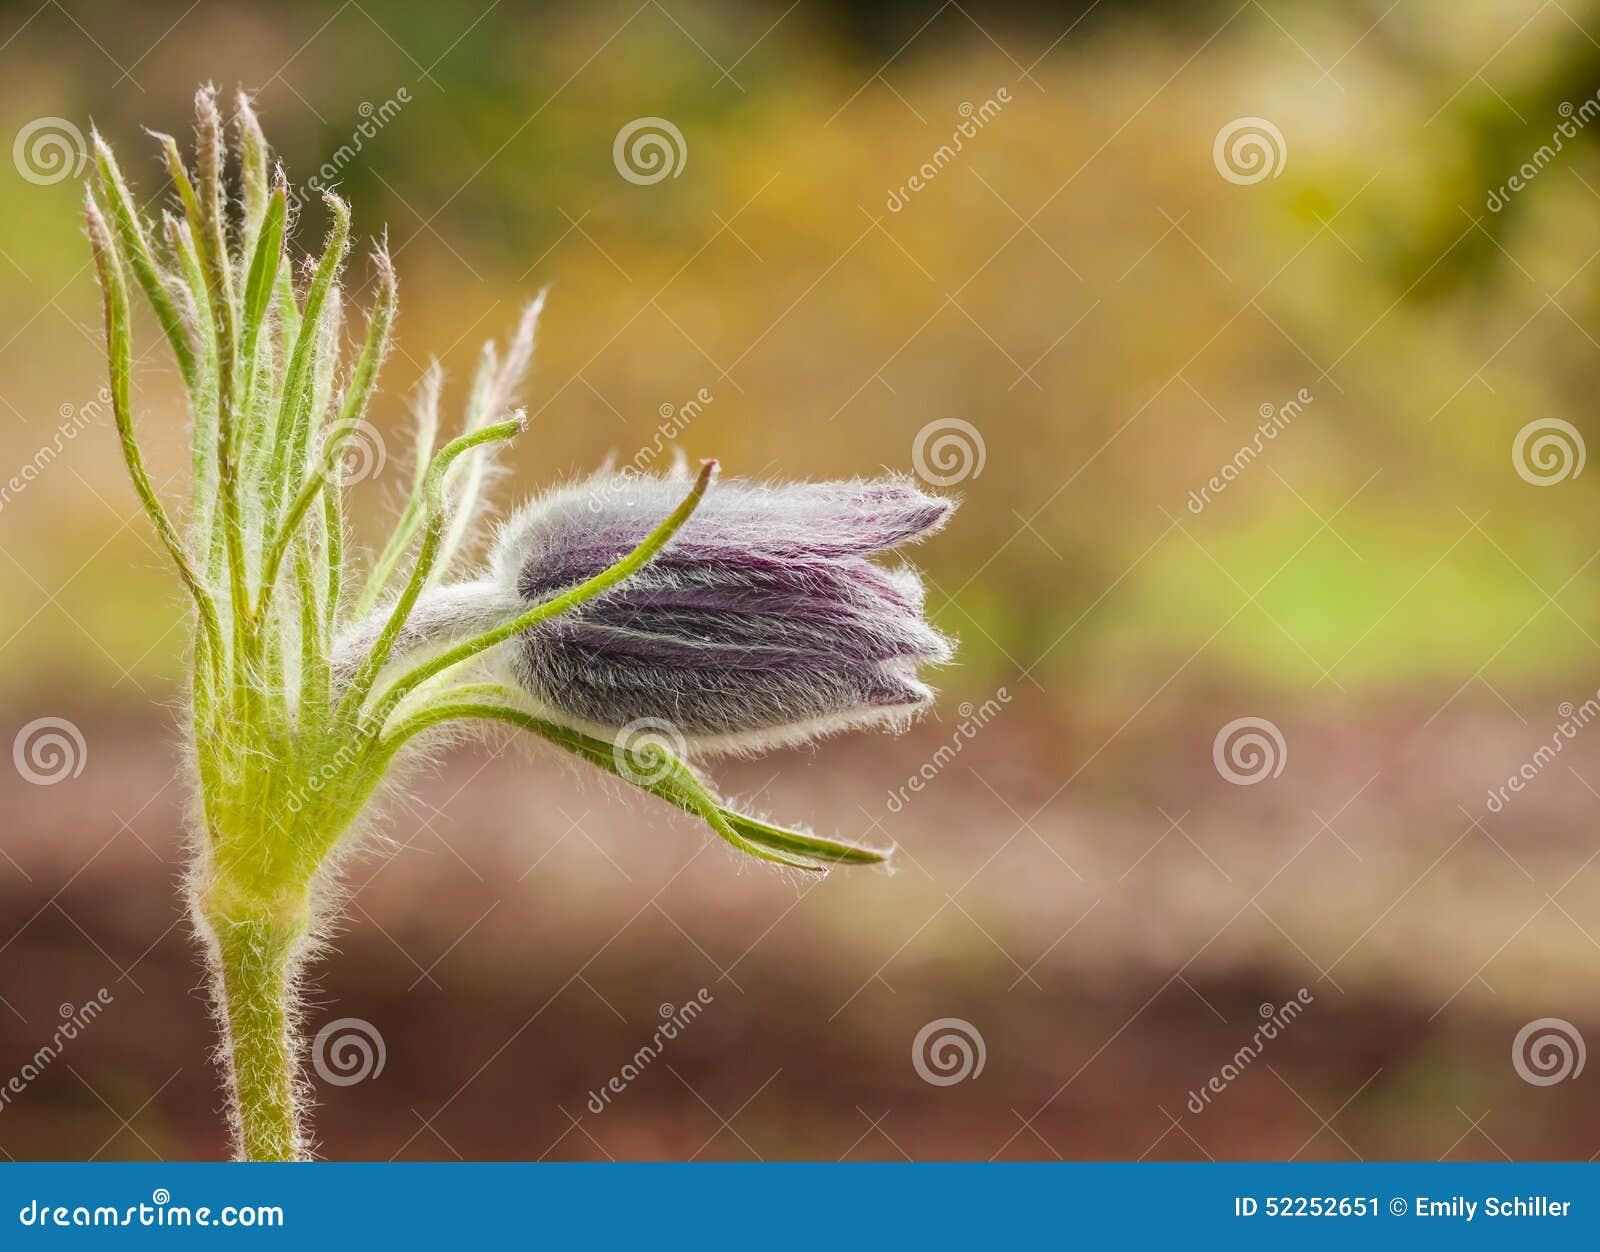 Nahaufnahme-Profil von einzelnen Pasque Flower